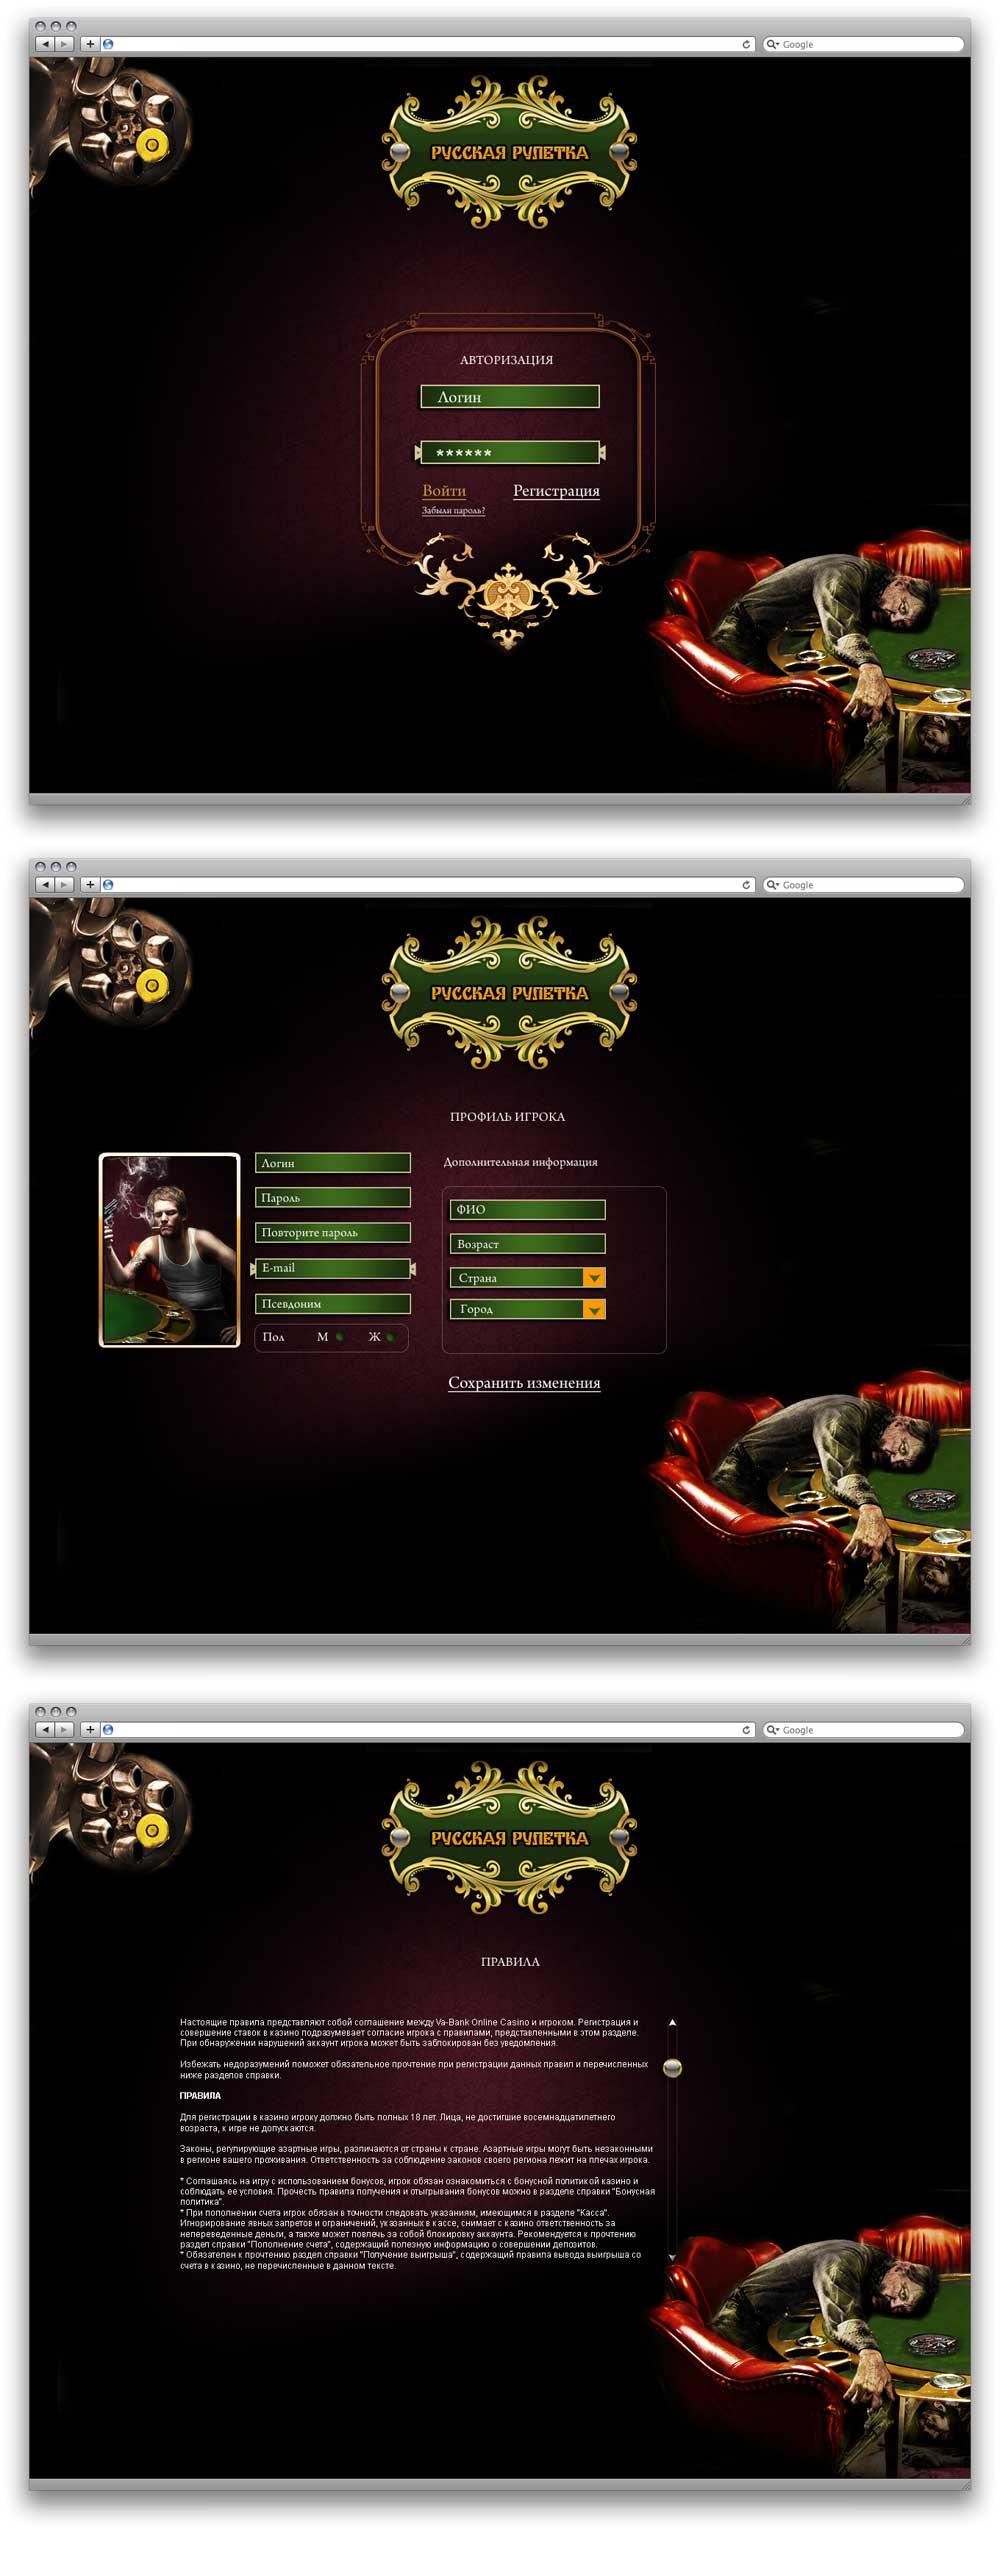 Русская рулетка, игровой сайт